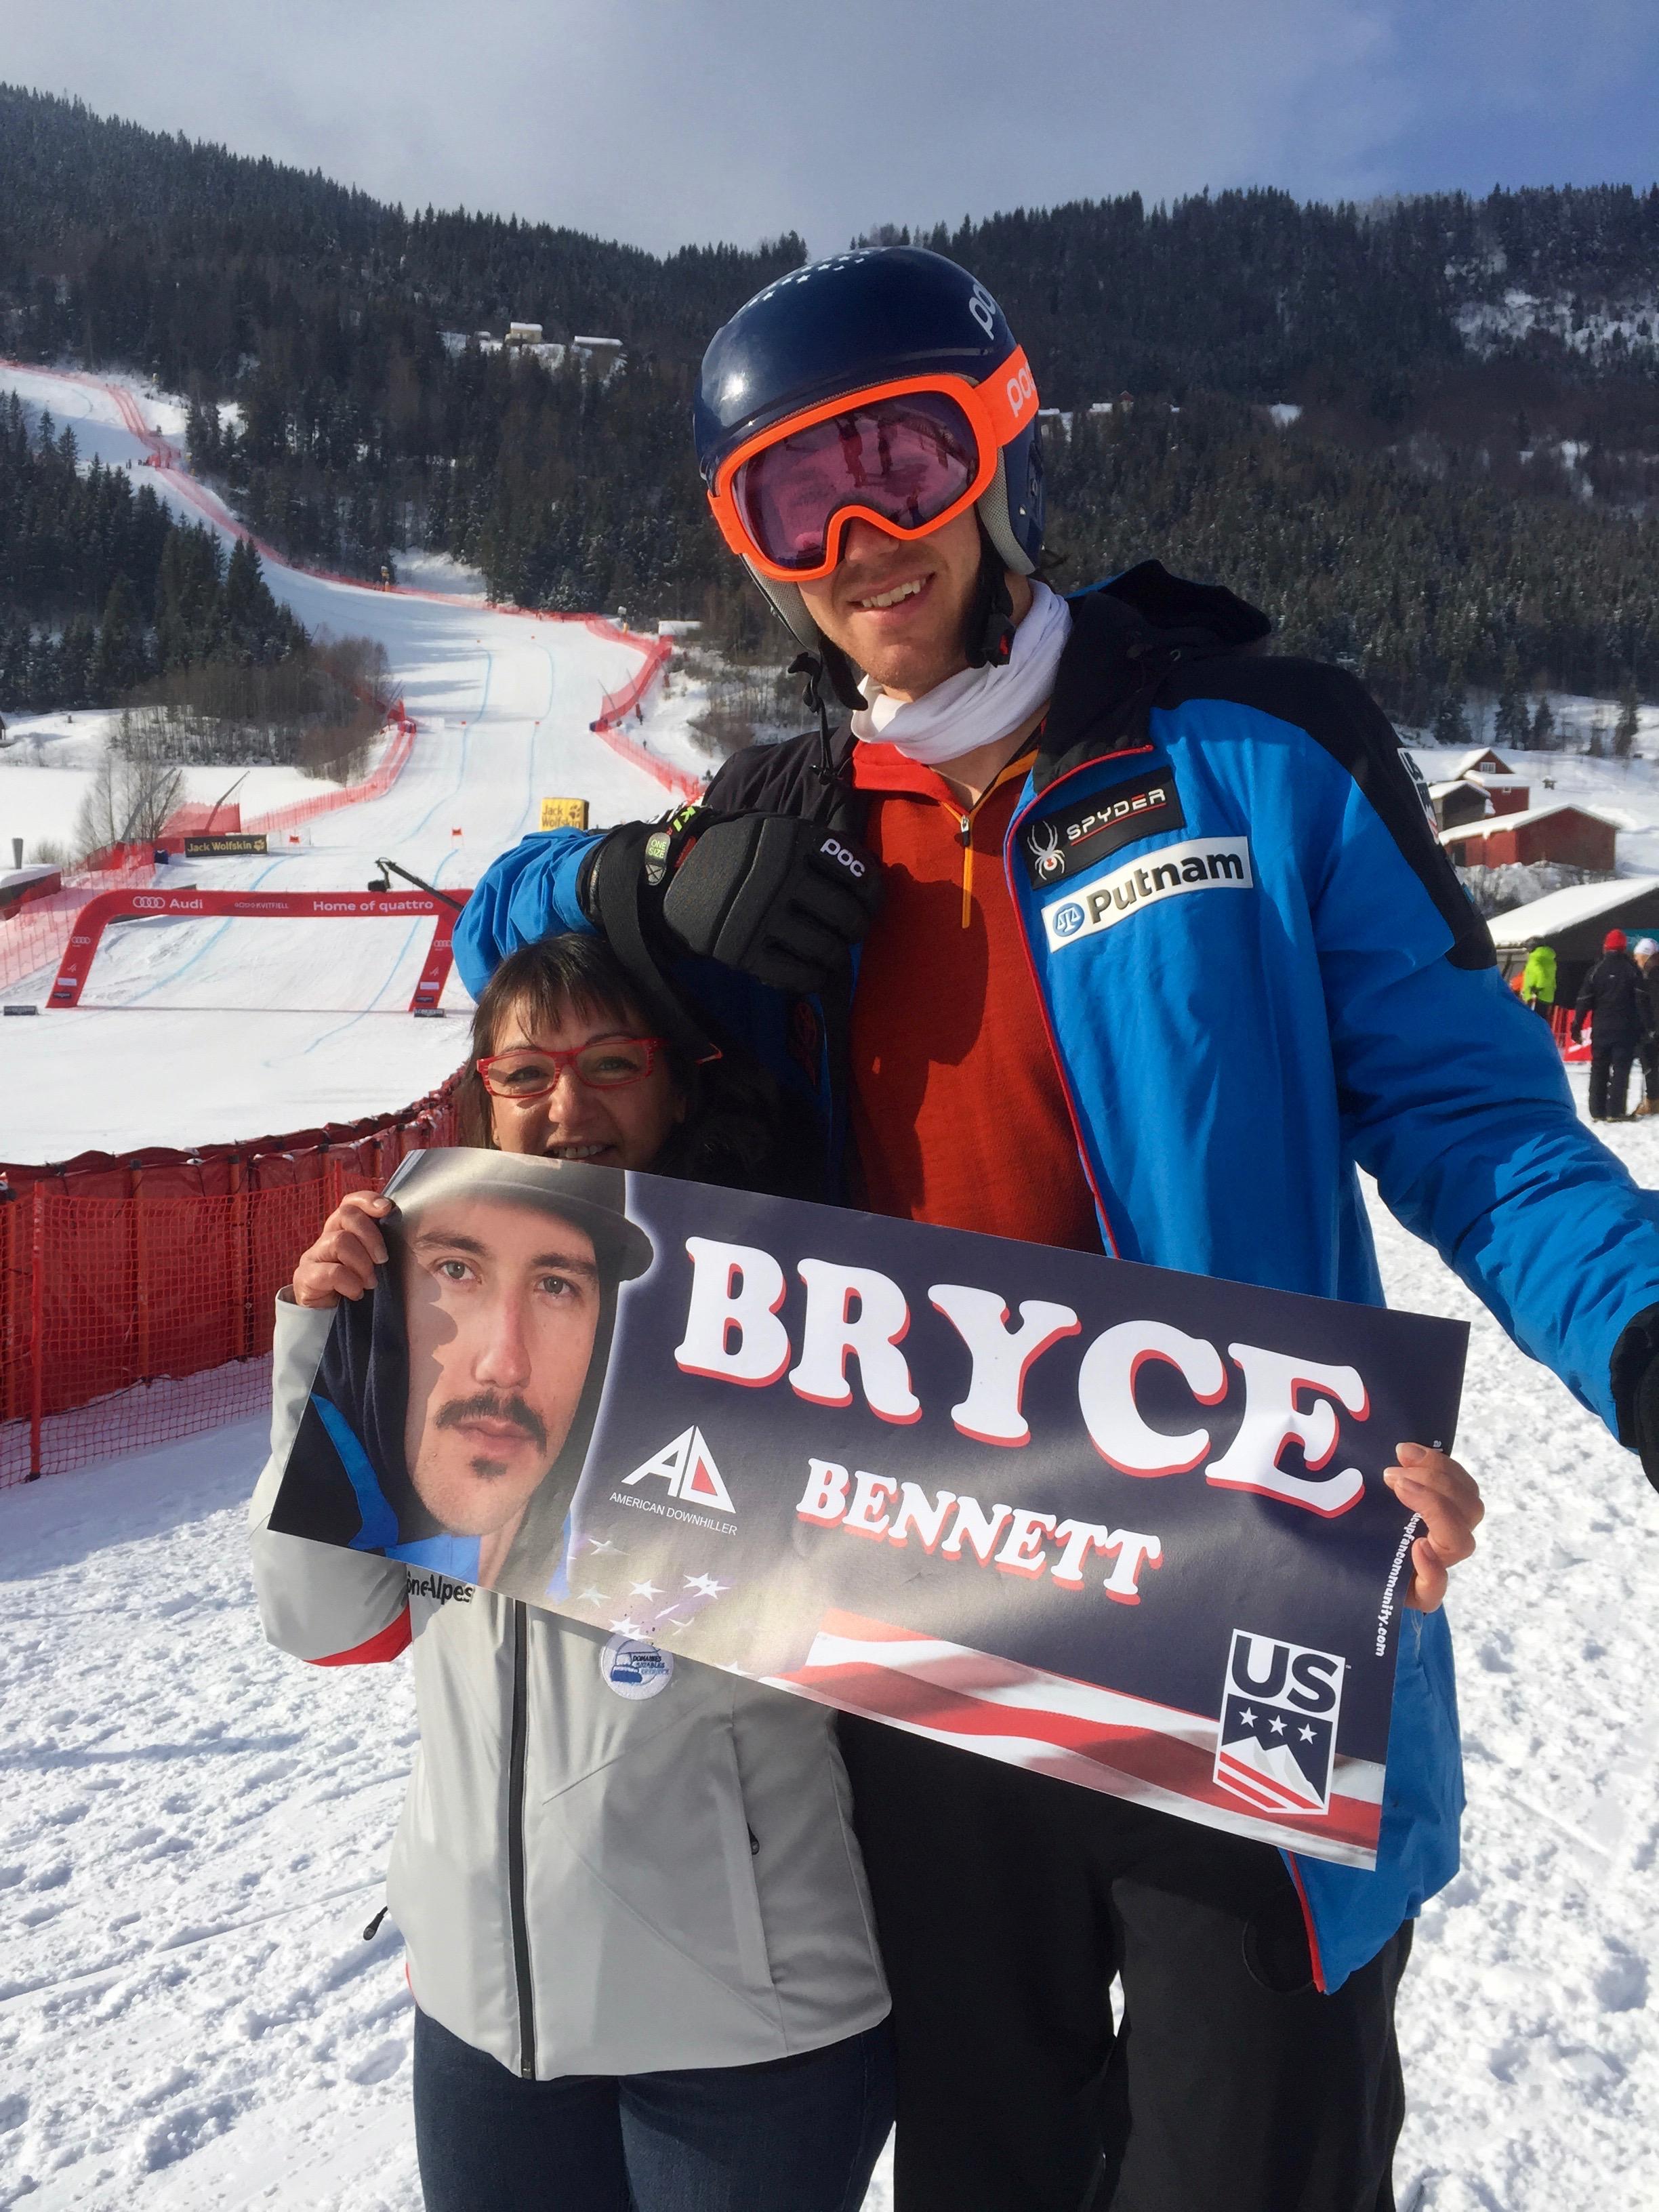 Bryce BENNETT, #WorldCupKvitfjell